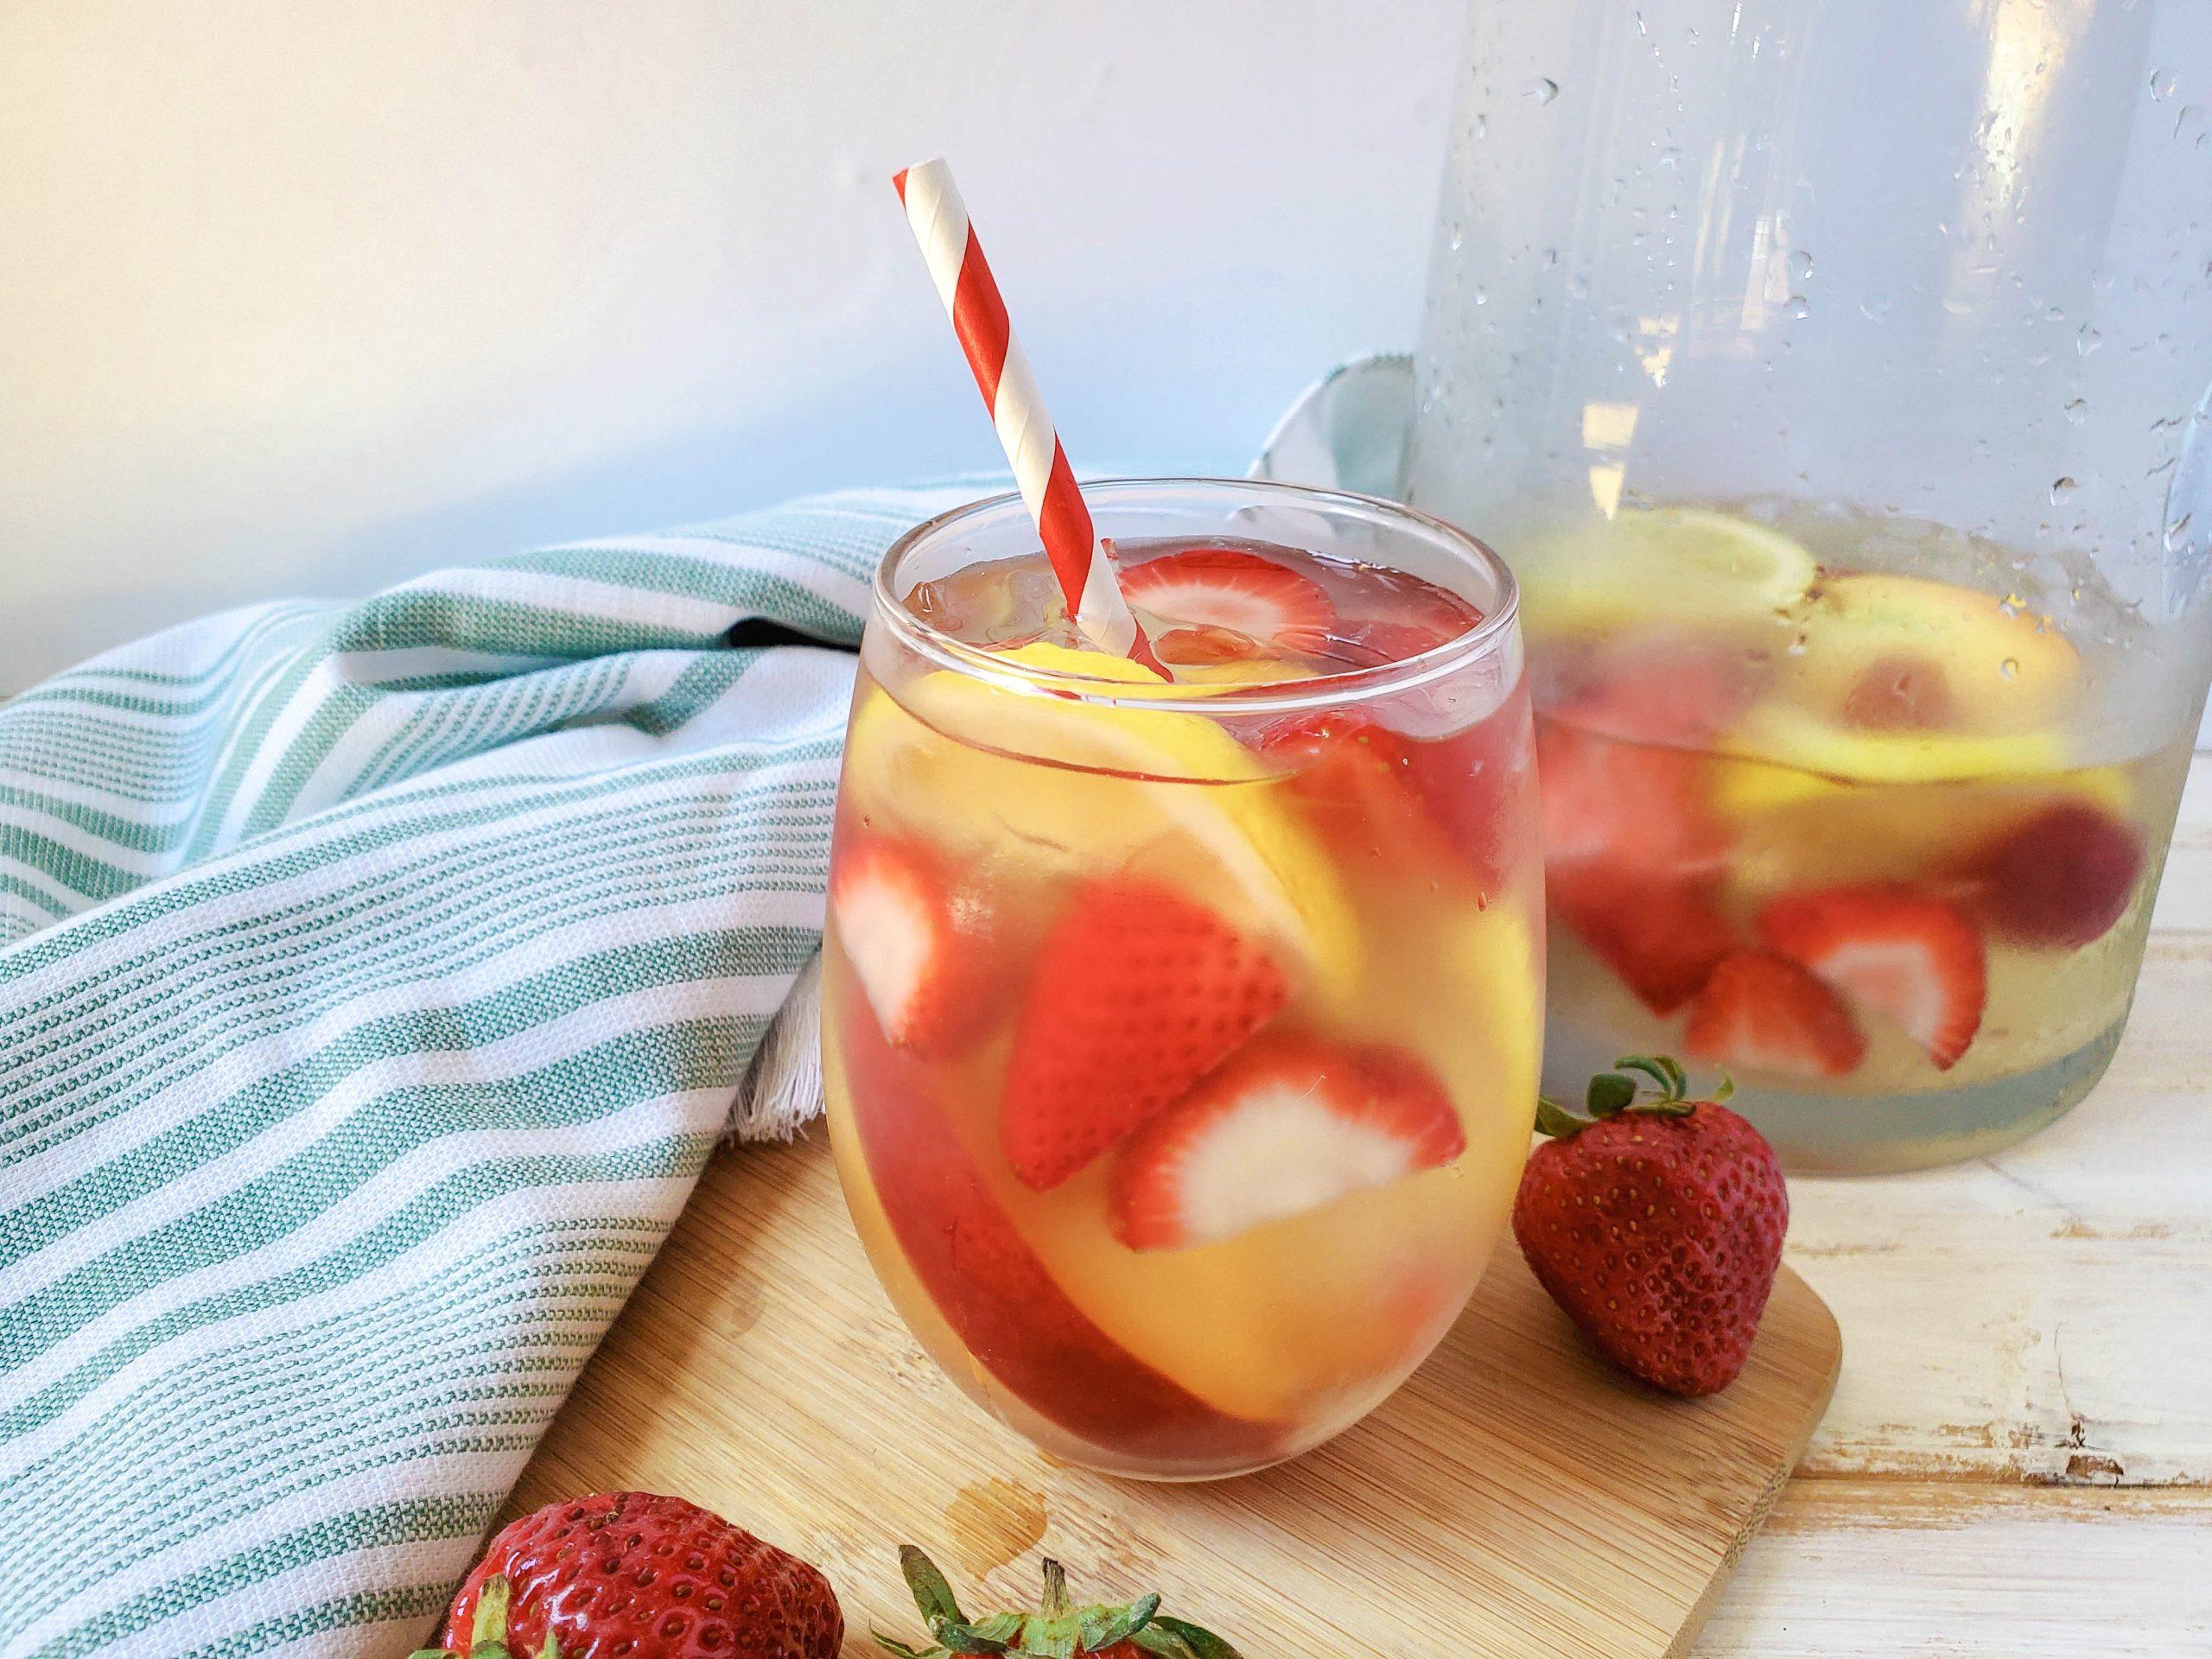 Summer Sangria - Strawberry Peach Sangria